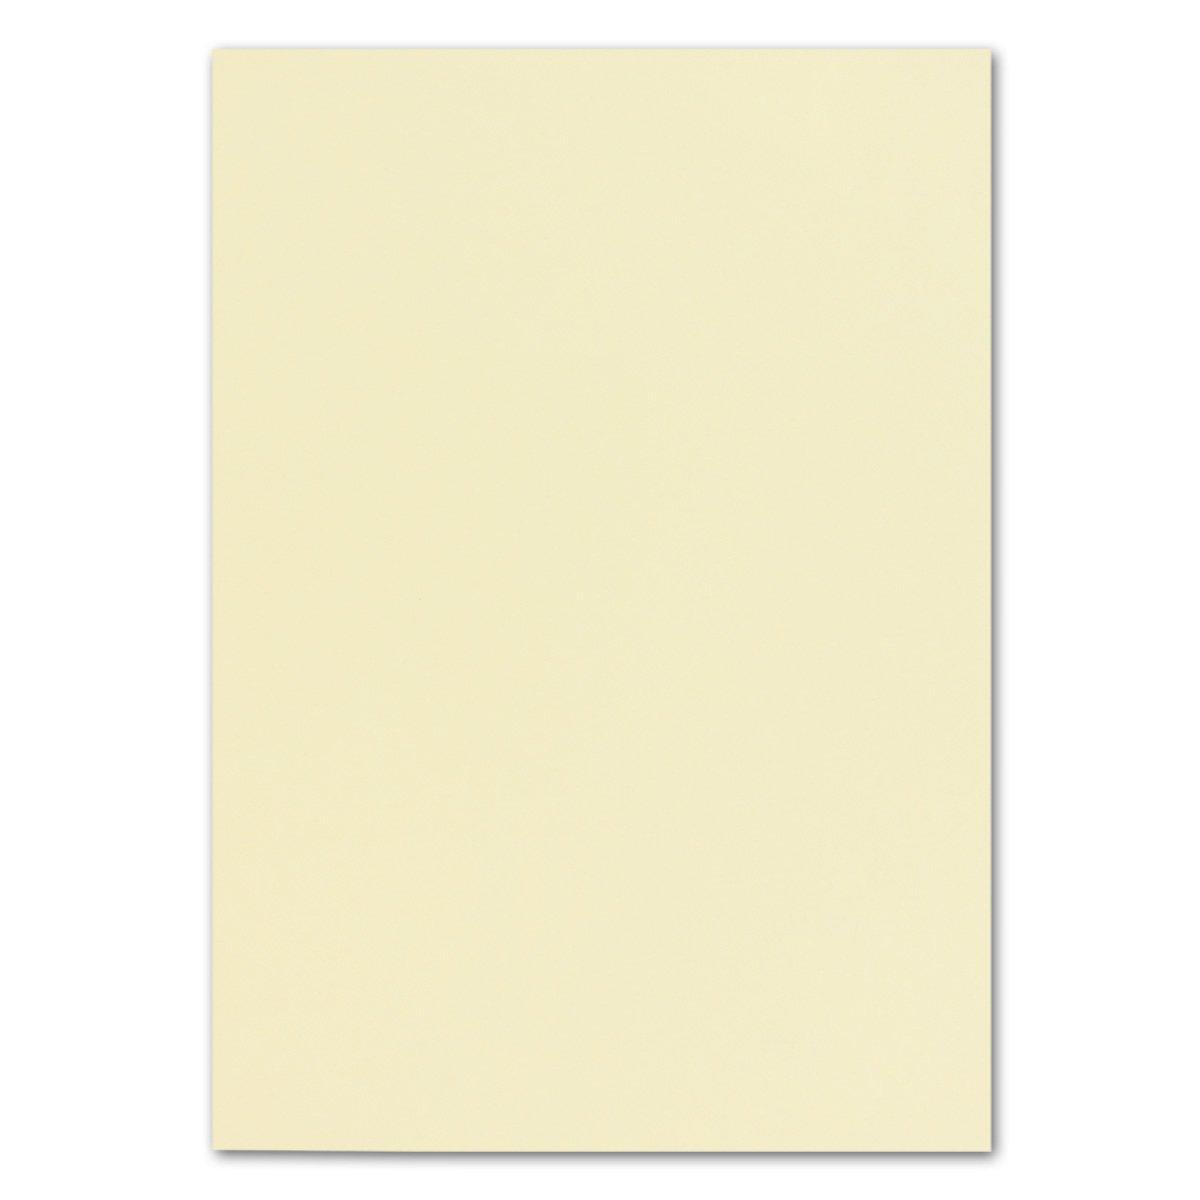 200 Blatt Ton-Karton DIN A4 - Farbe  Lila -Ton-Papier 240 g m² gerippte Oberfläche - Ton-Zeichen-Papier Bastel-Papier Bastel-Karton - Glüxx-Agent B07JZQ64HW | Am praktischsten